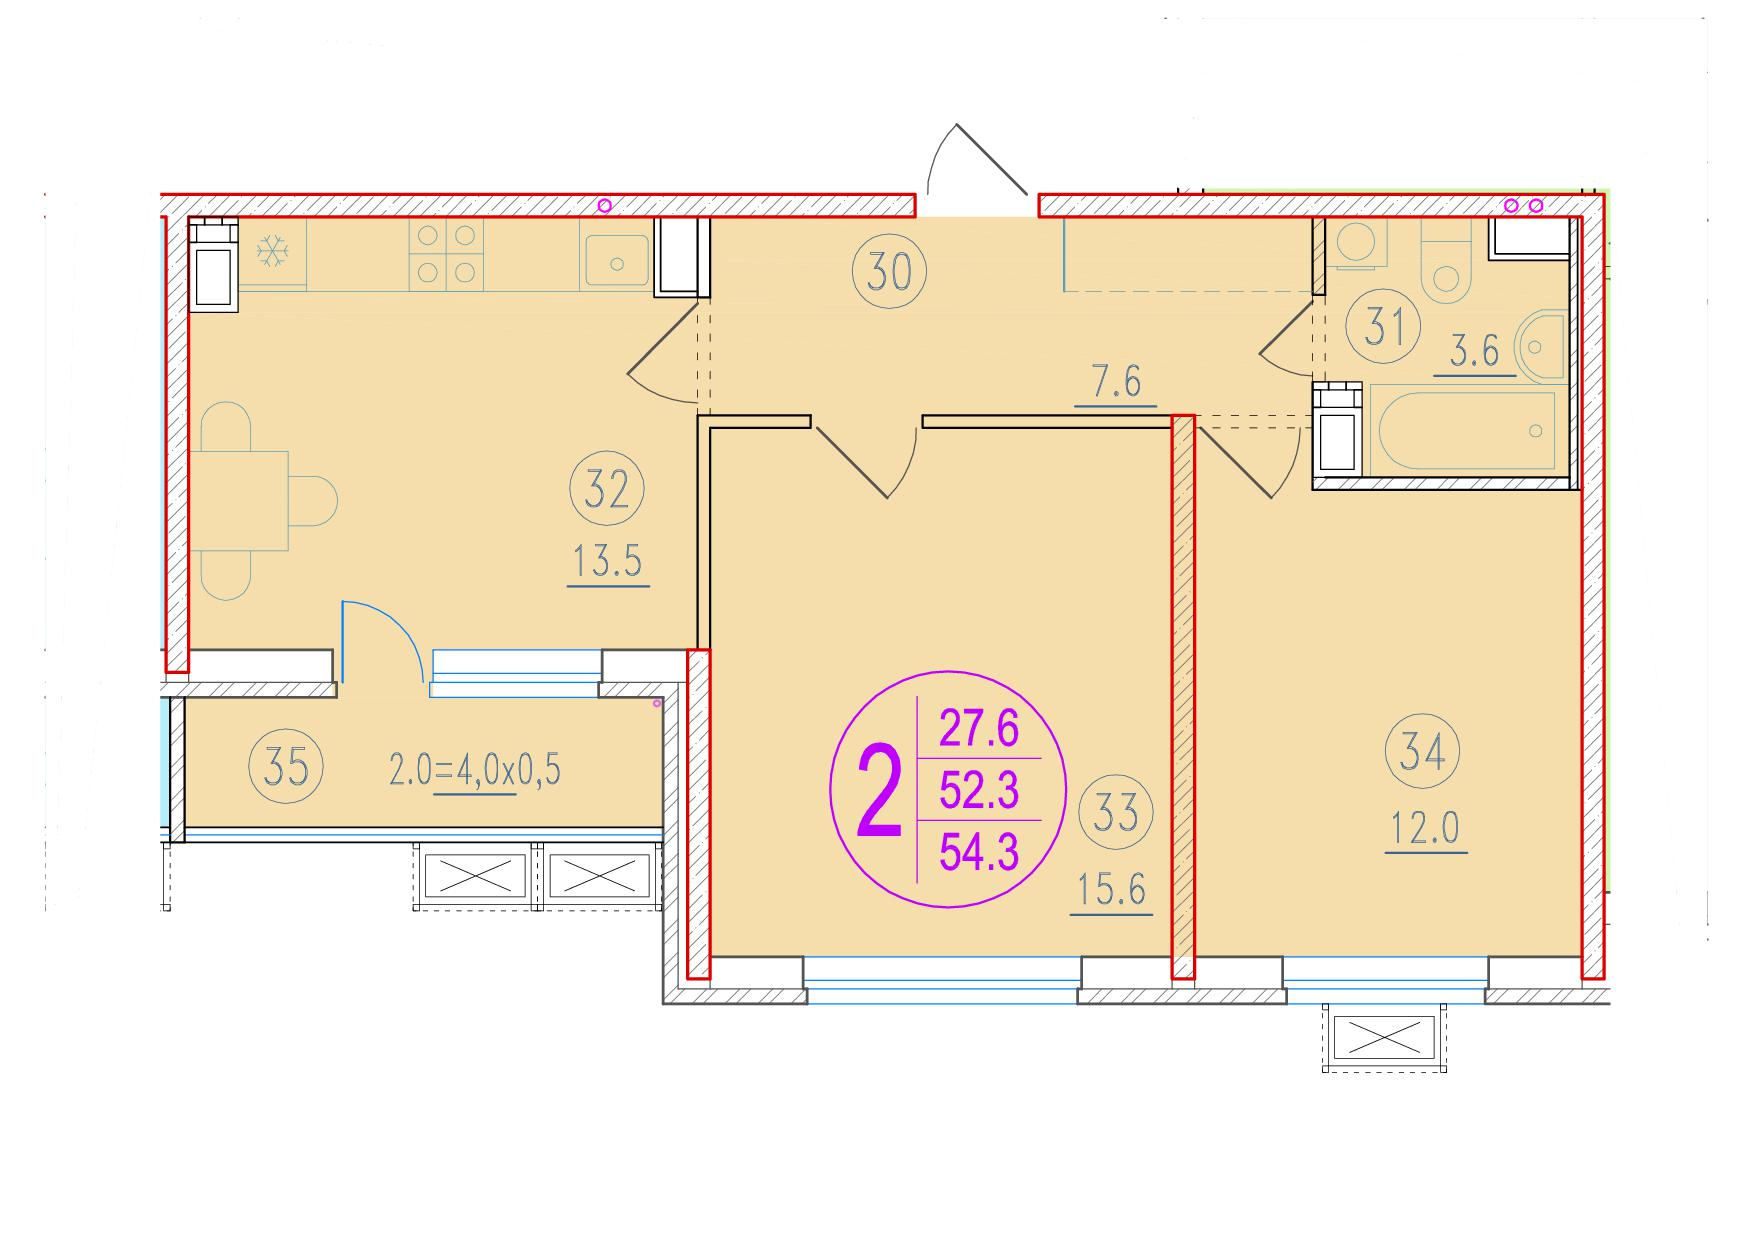 2-комнатная 54.3<span>м<sup>2</sup></span>